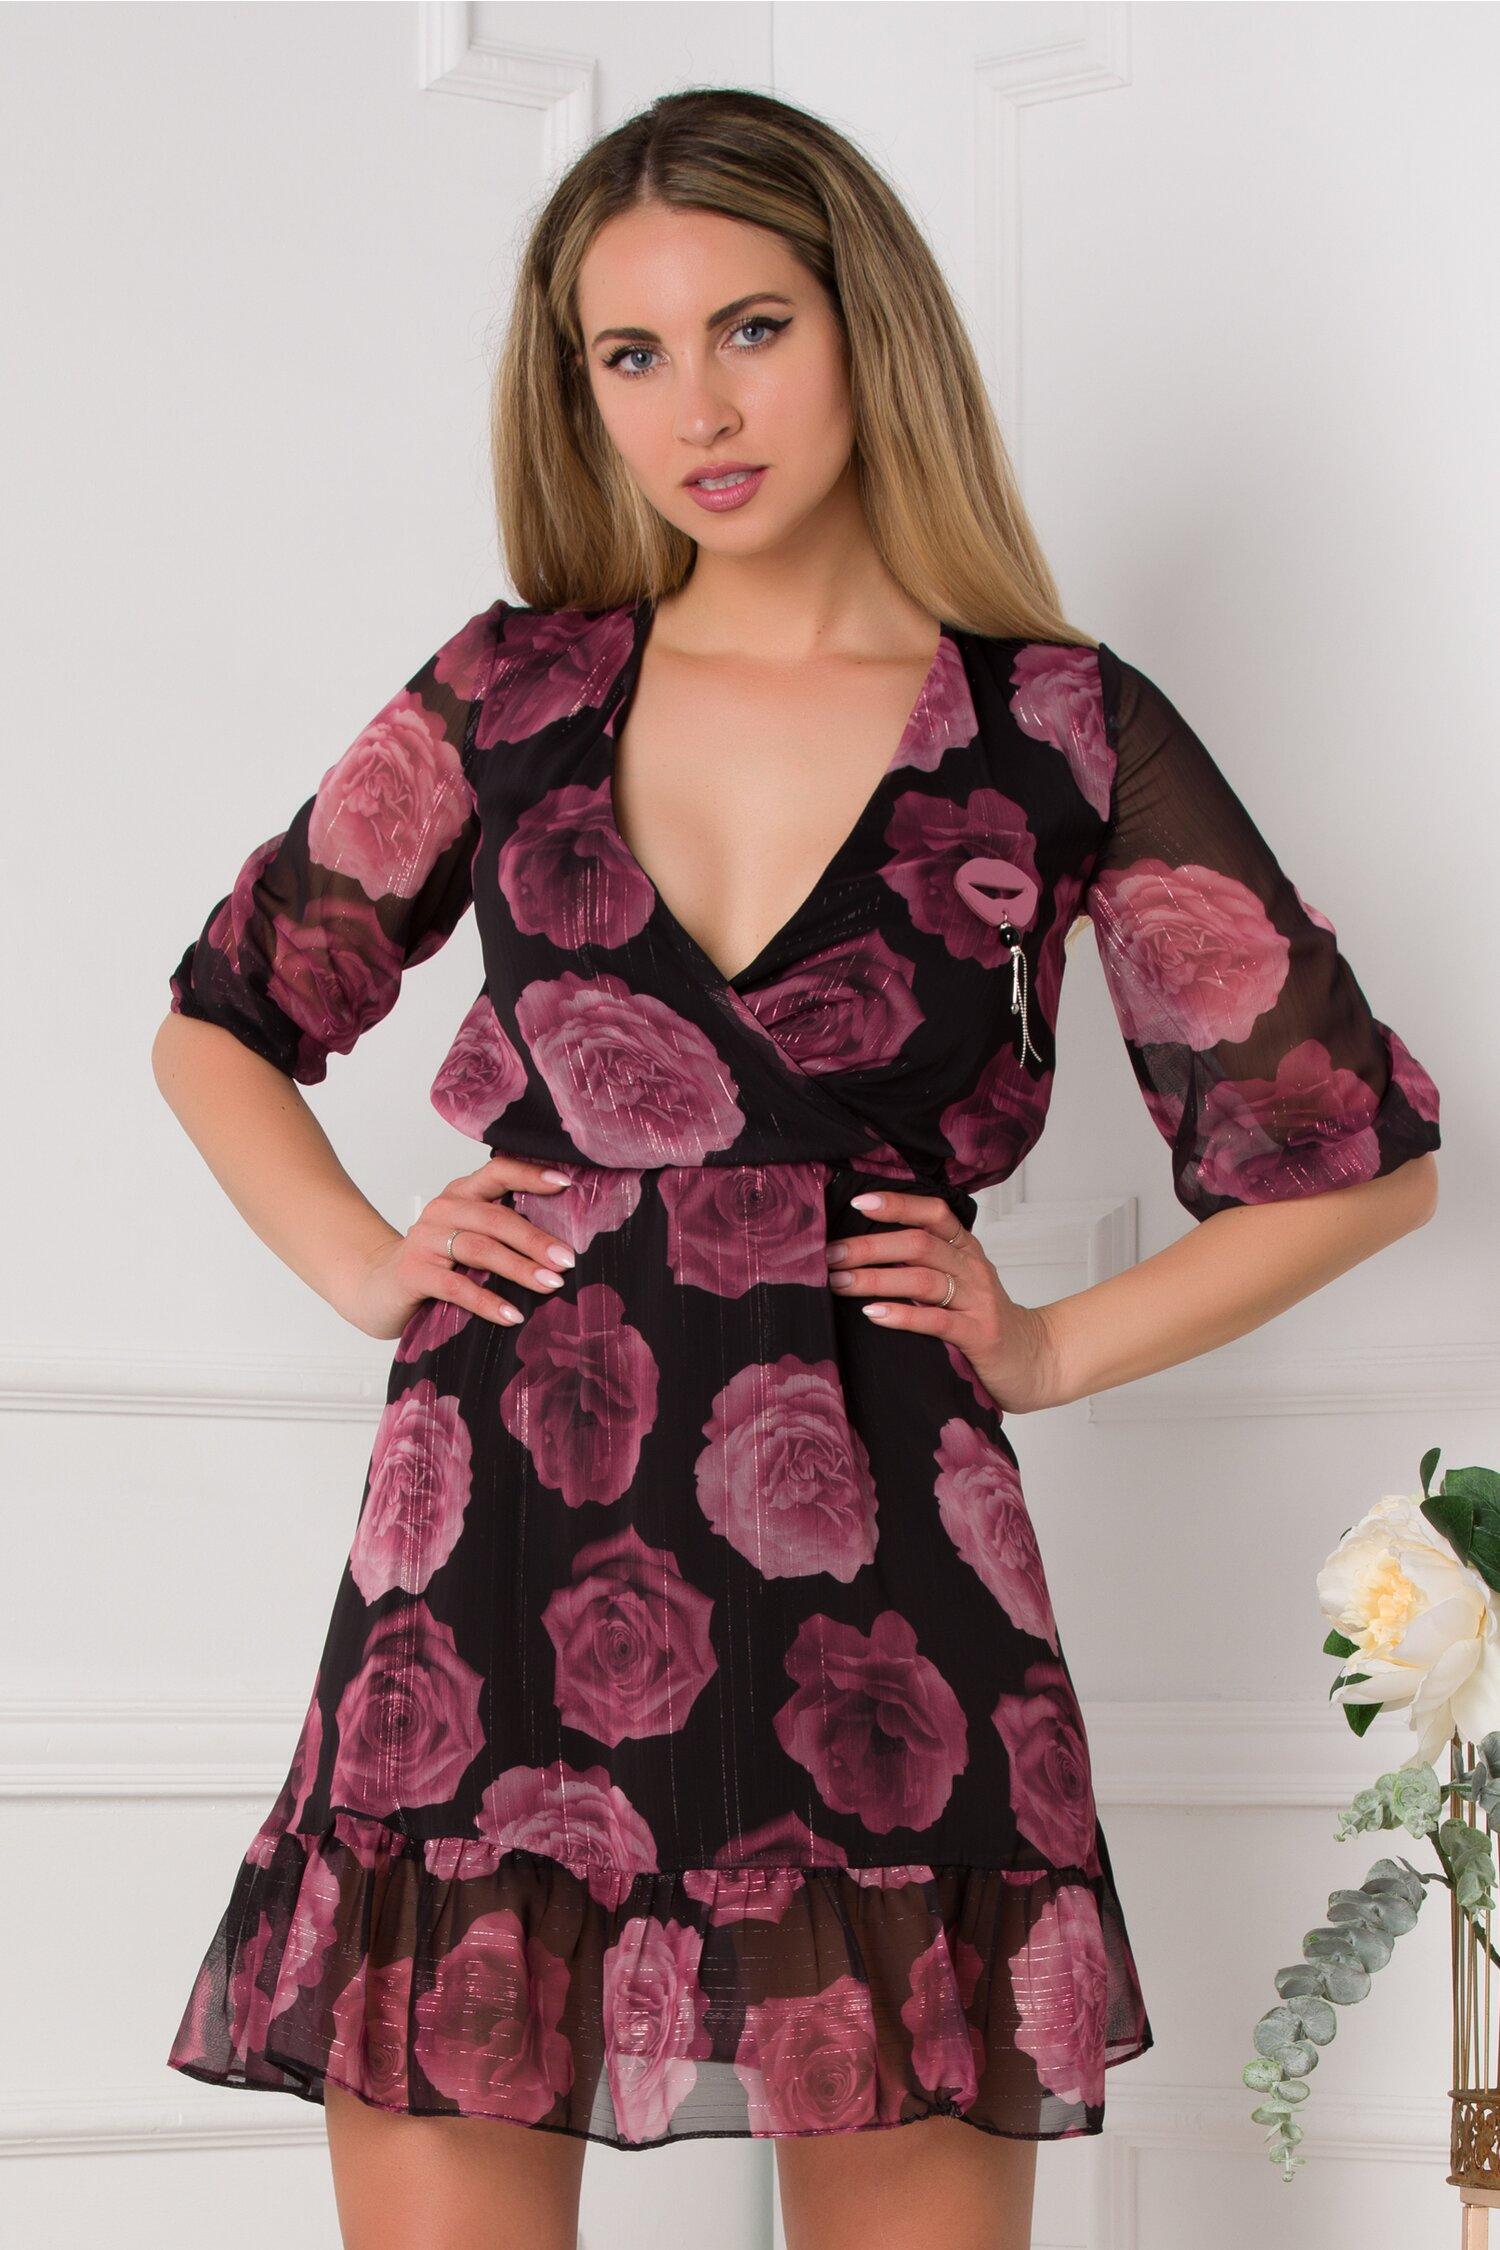 Rochie Sofie neagra cu trandafiri burgundy imprimati